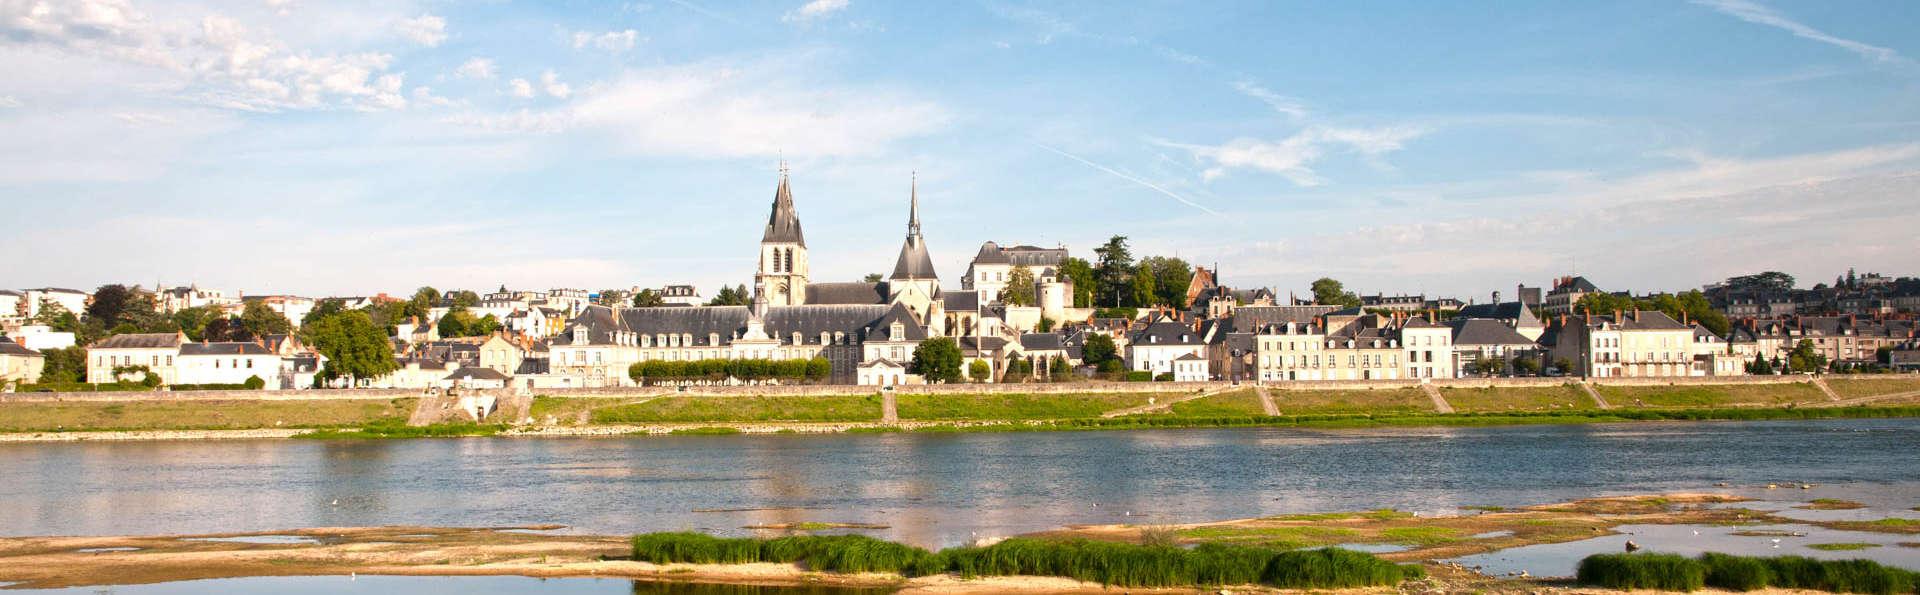 Le Prieuré de Boulogne - EDIT_Destination-2.jpg